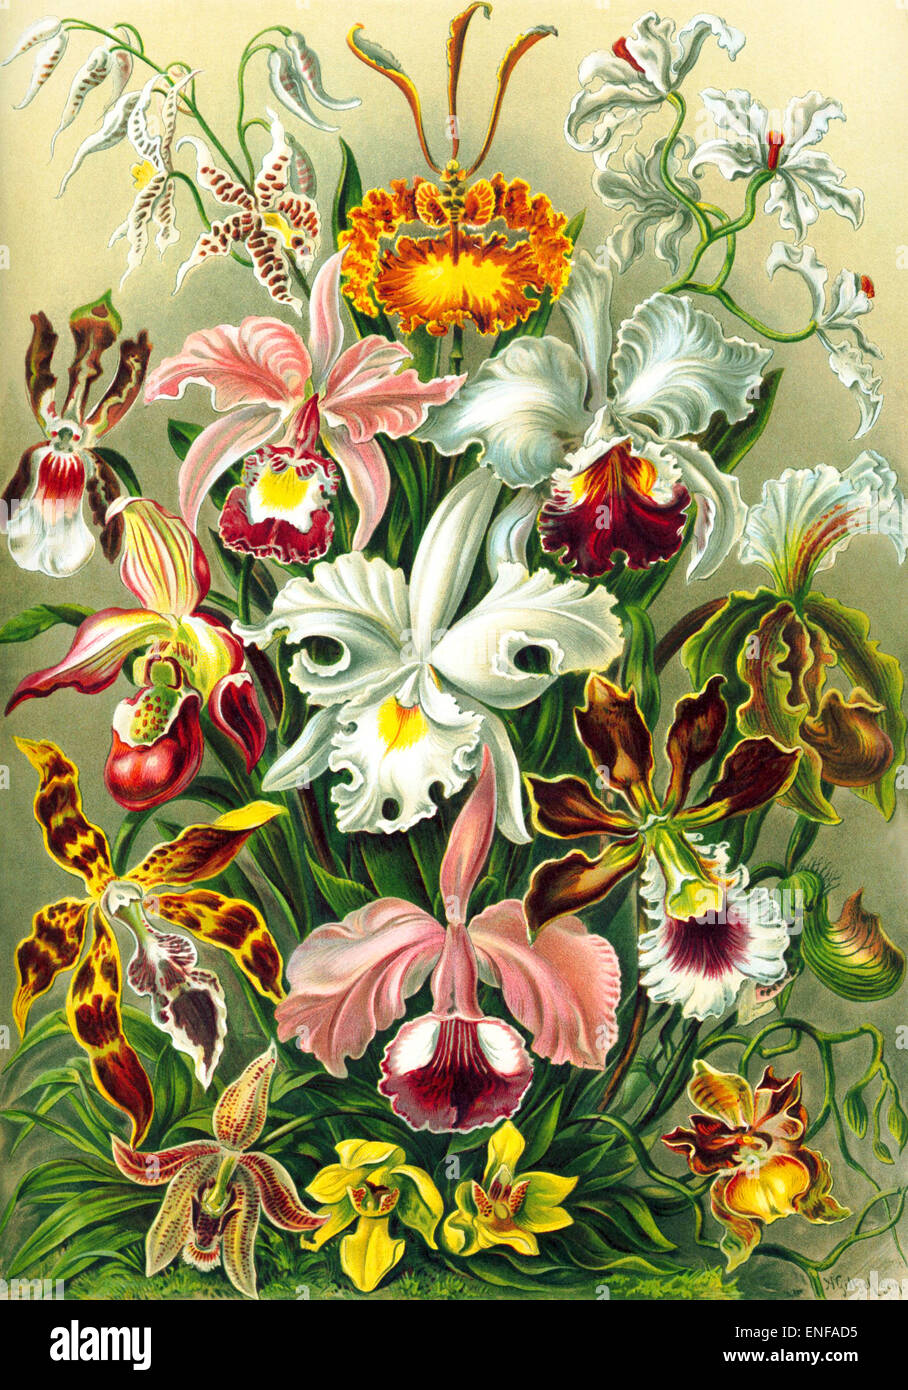 Orchidae (Orchideen), von Ernst Haeckel, 1904 - nur zur redaktionellen Verwendung. Stockbild